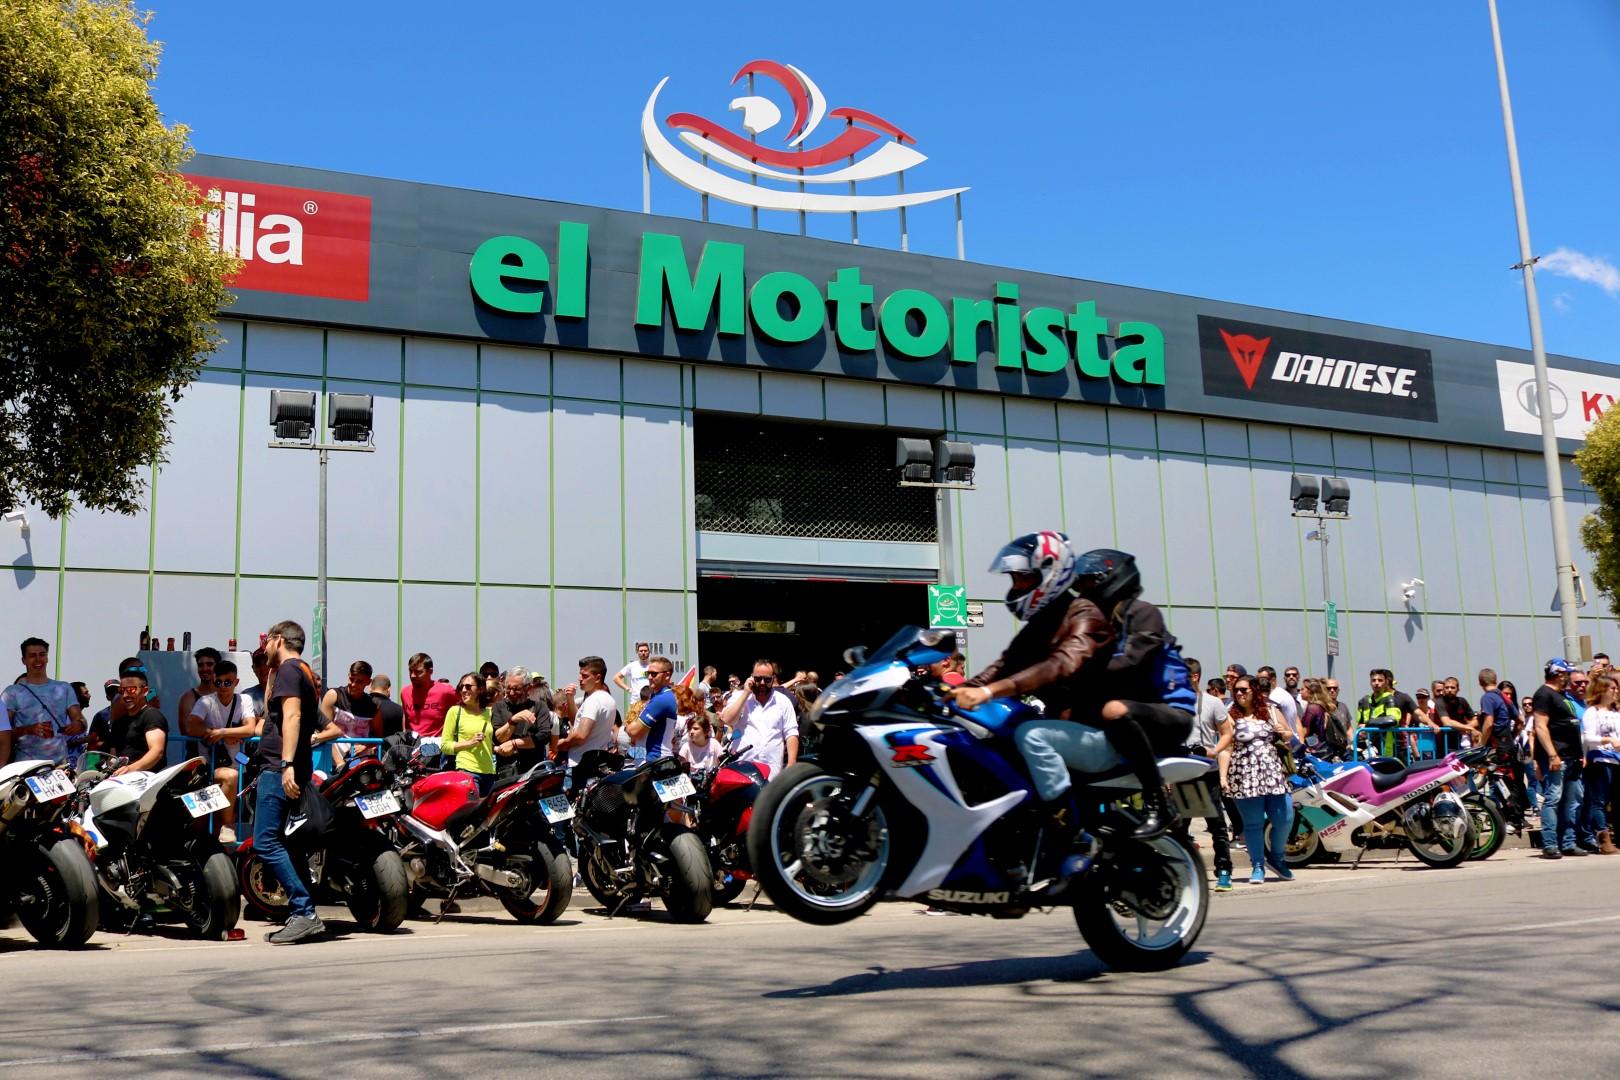 El Motorista organiza, un año más, el Punto de Encuentro en Jerez